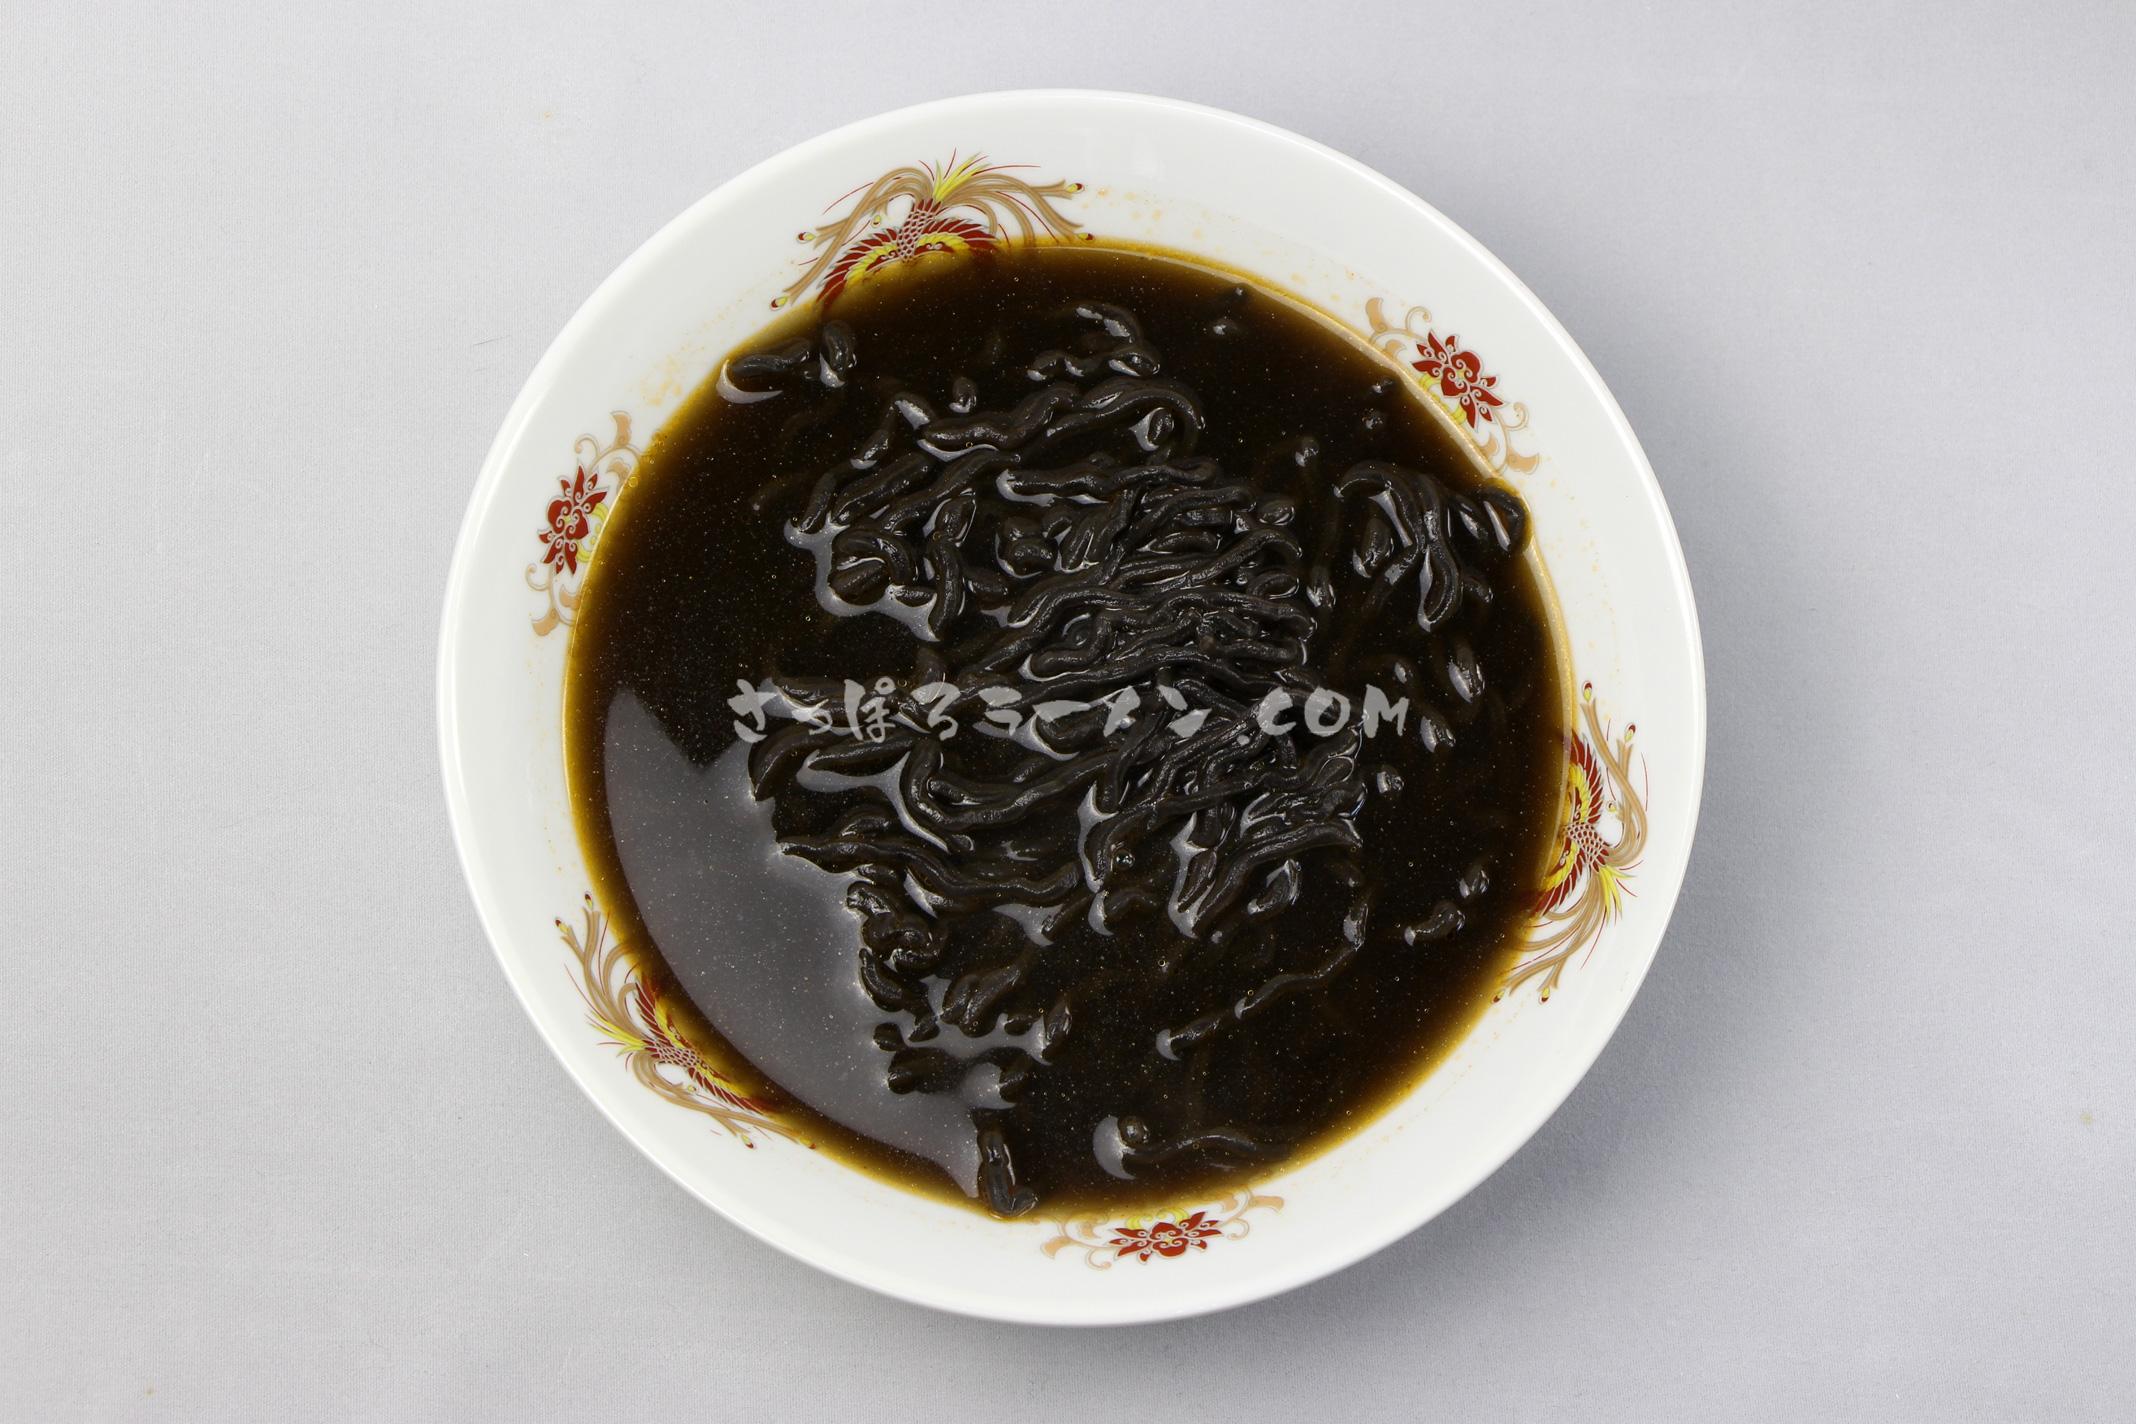 「いかすみラーメン いかすみ入り醤油味スープ付 1人前」(小六)の完成画像